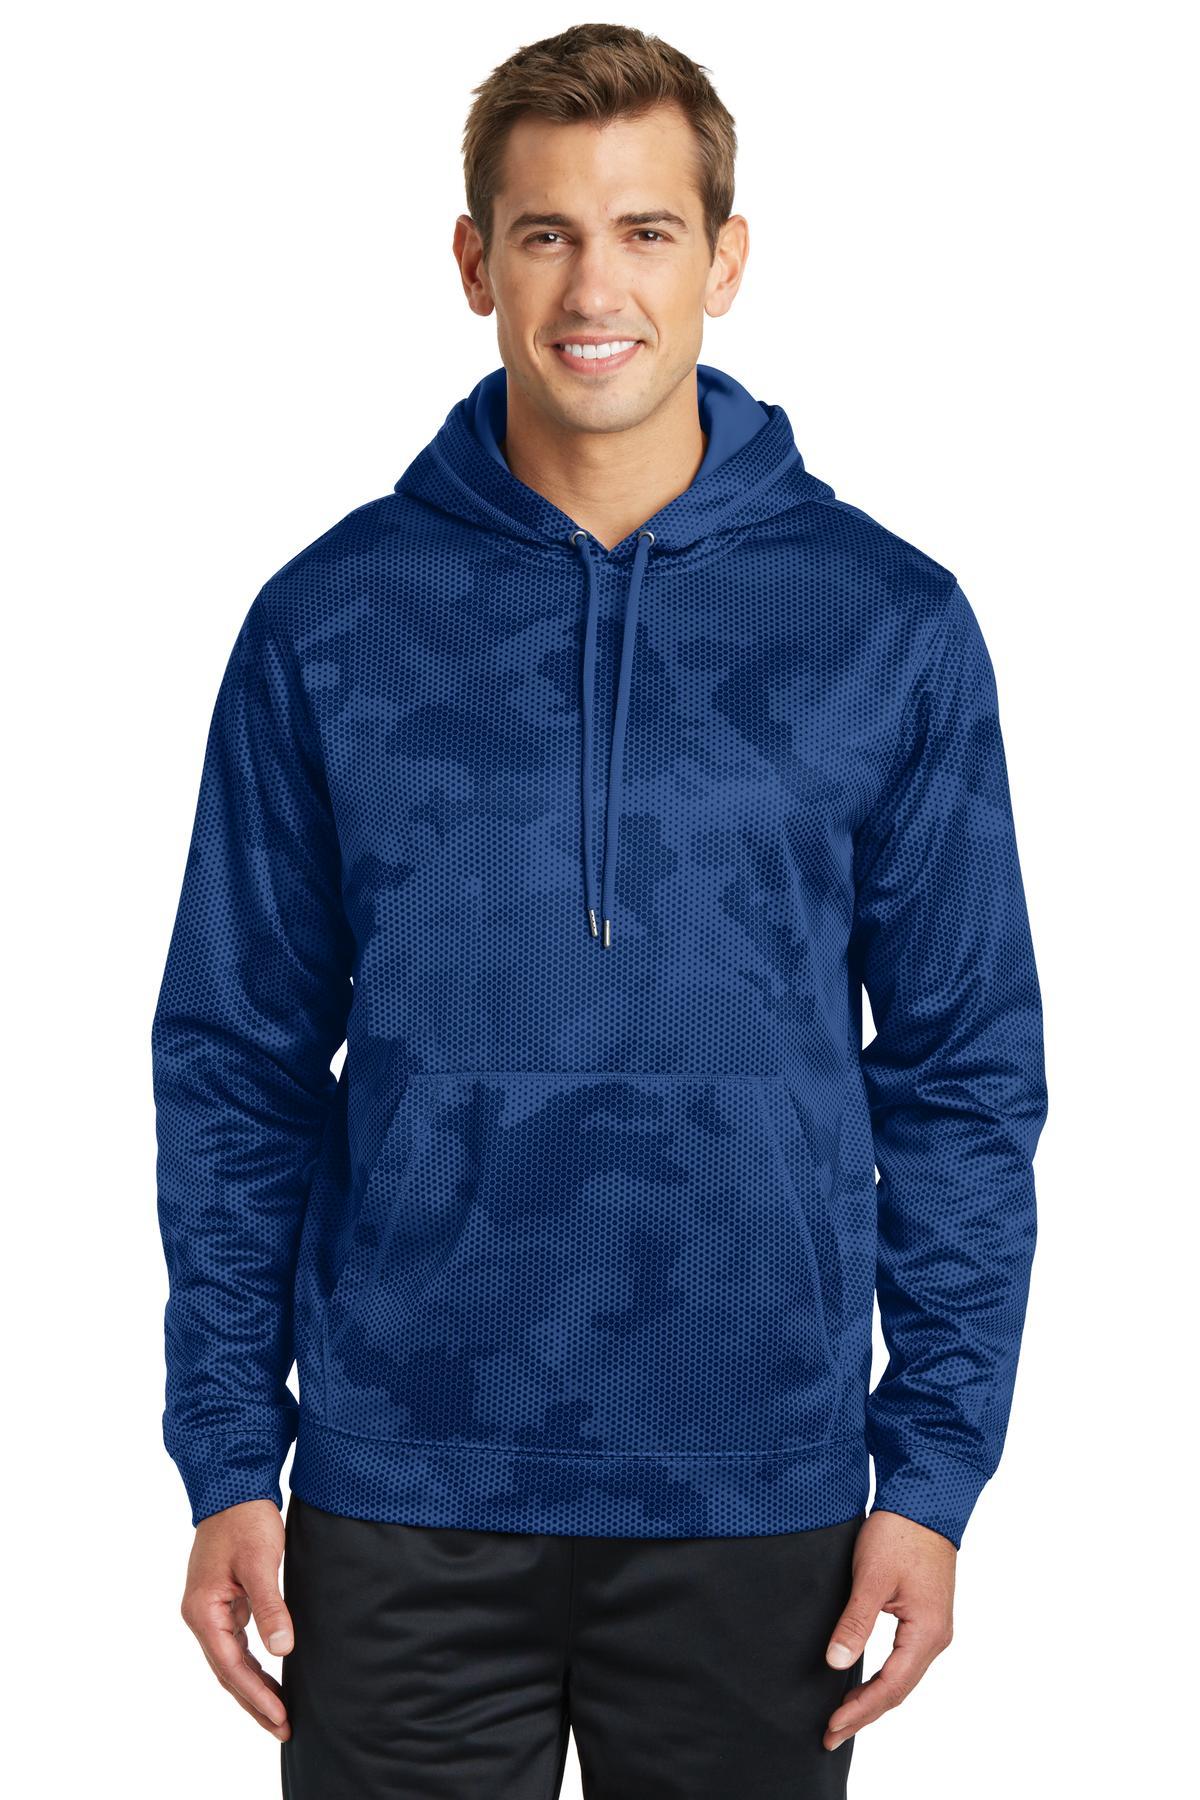 Sweatshirts-Fleece-Hooded-55